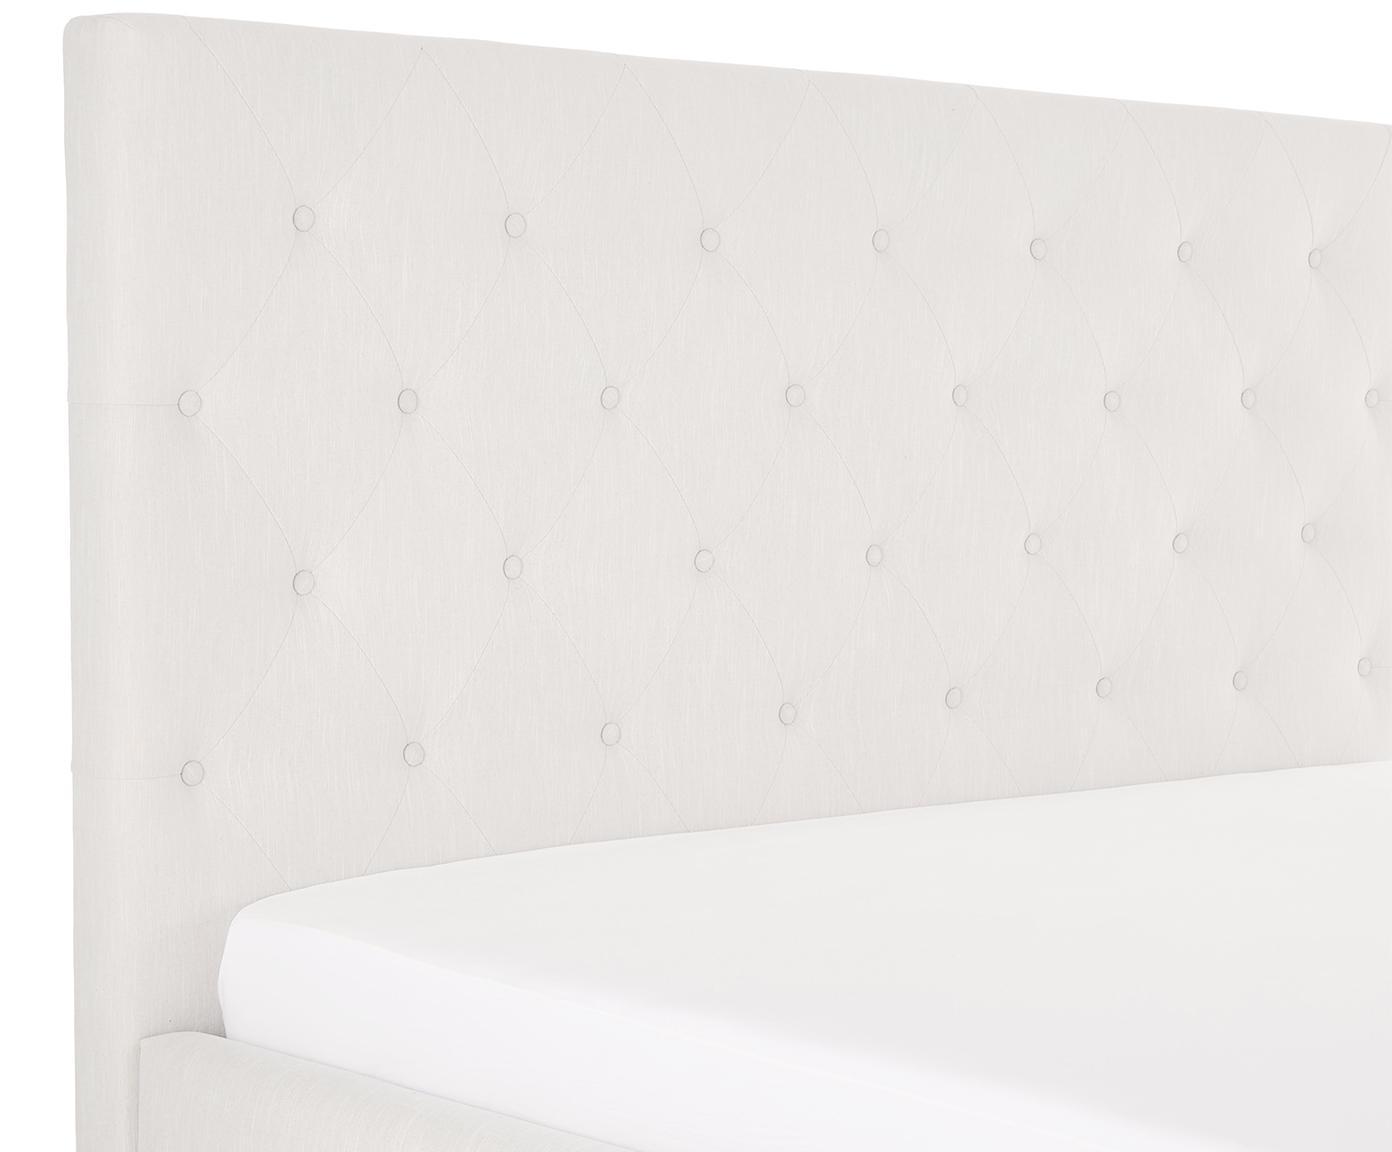 Łóżko tapicerowane Serene, Korpus: lite drewno sosnowe, Nogi: lite drewno dębowe, Tapicerka: poliester (materiał tekst, Beżowy, 180 x 200 cm